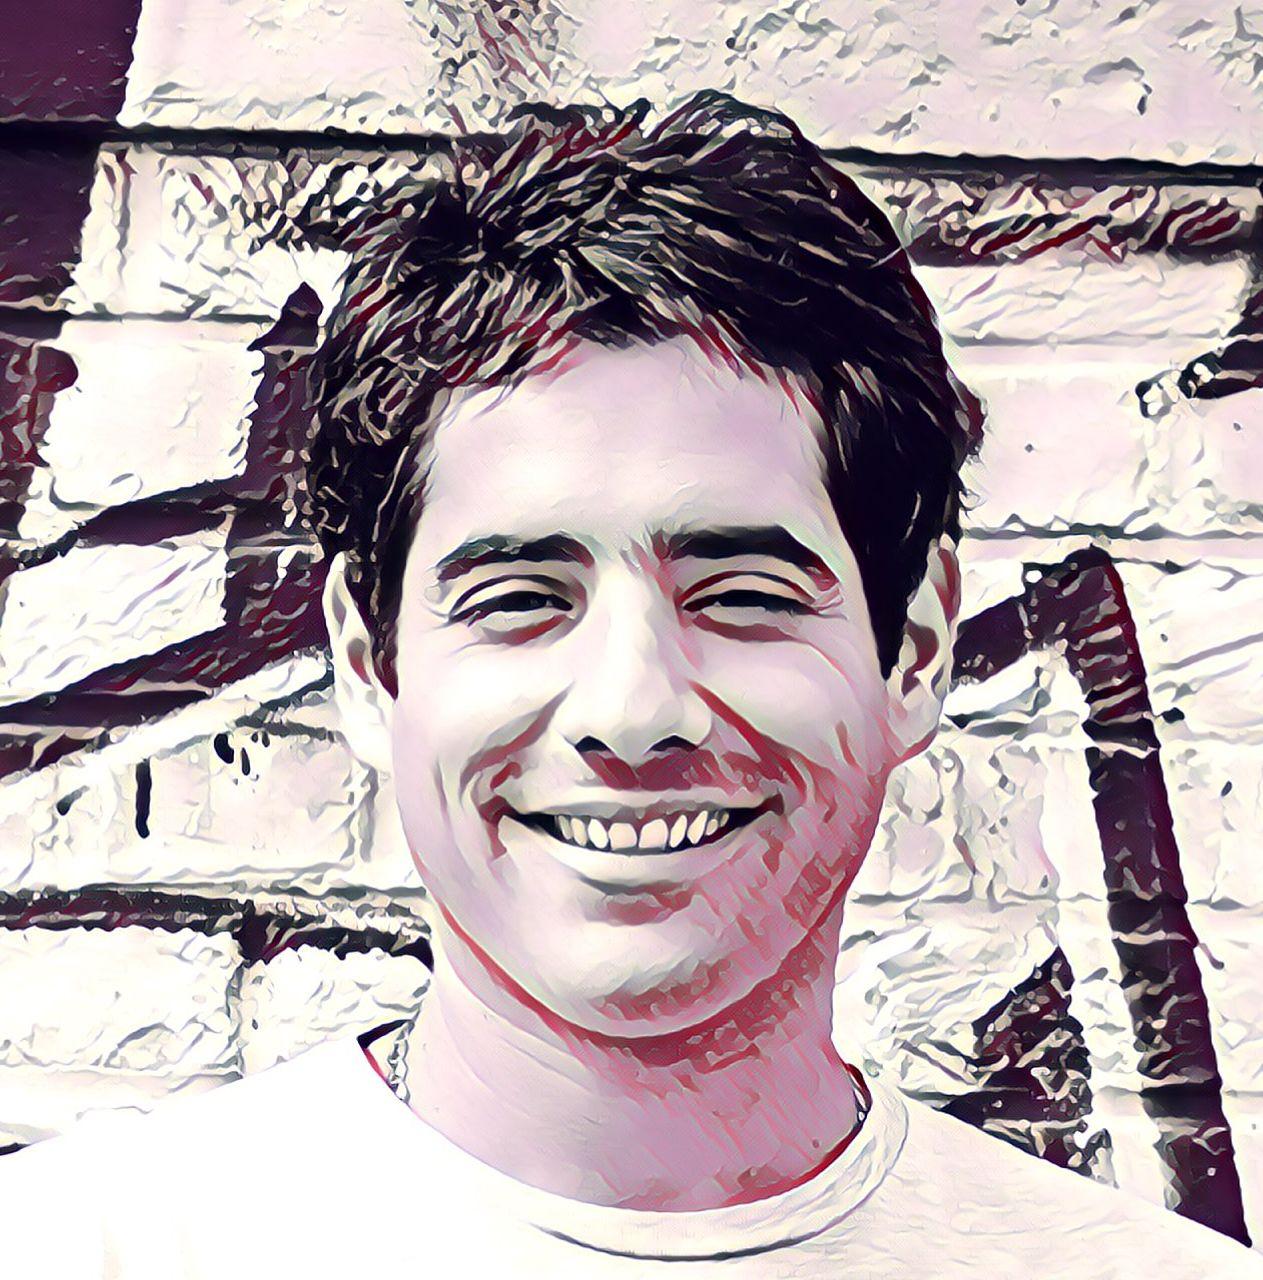 Nicolas Casula